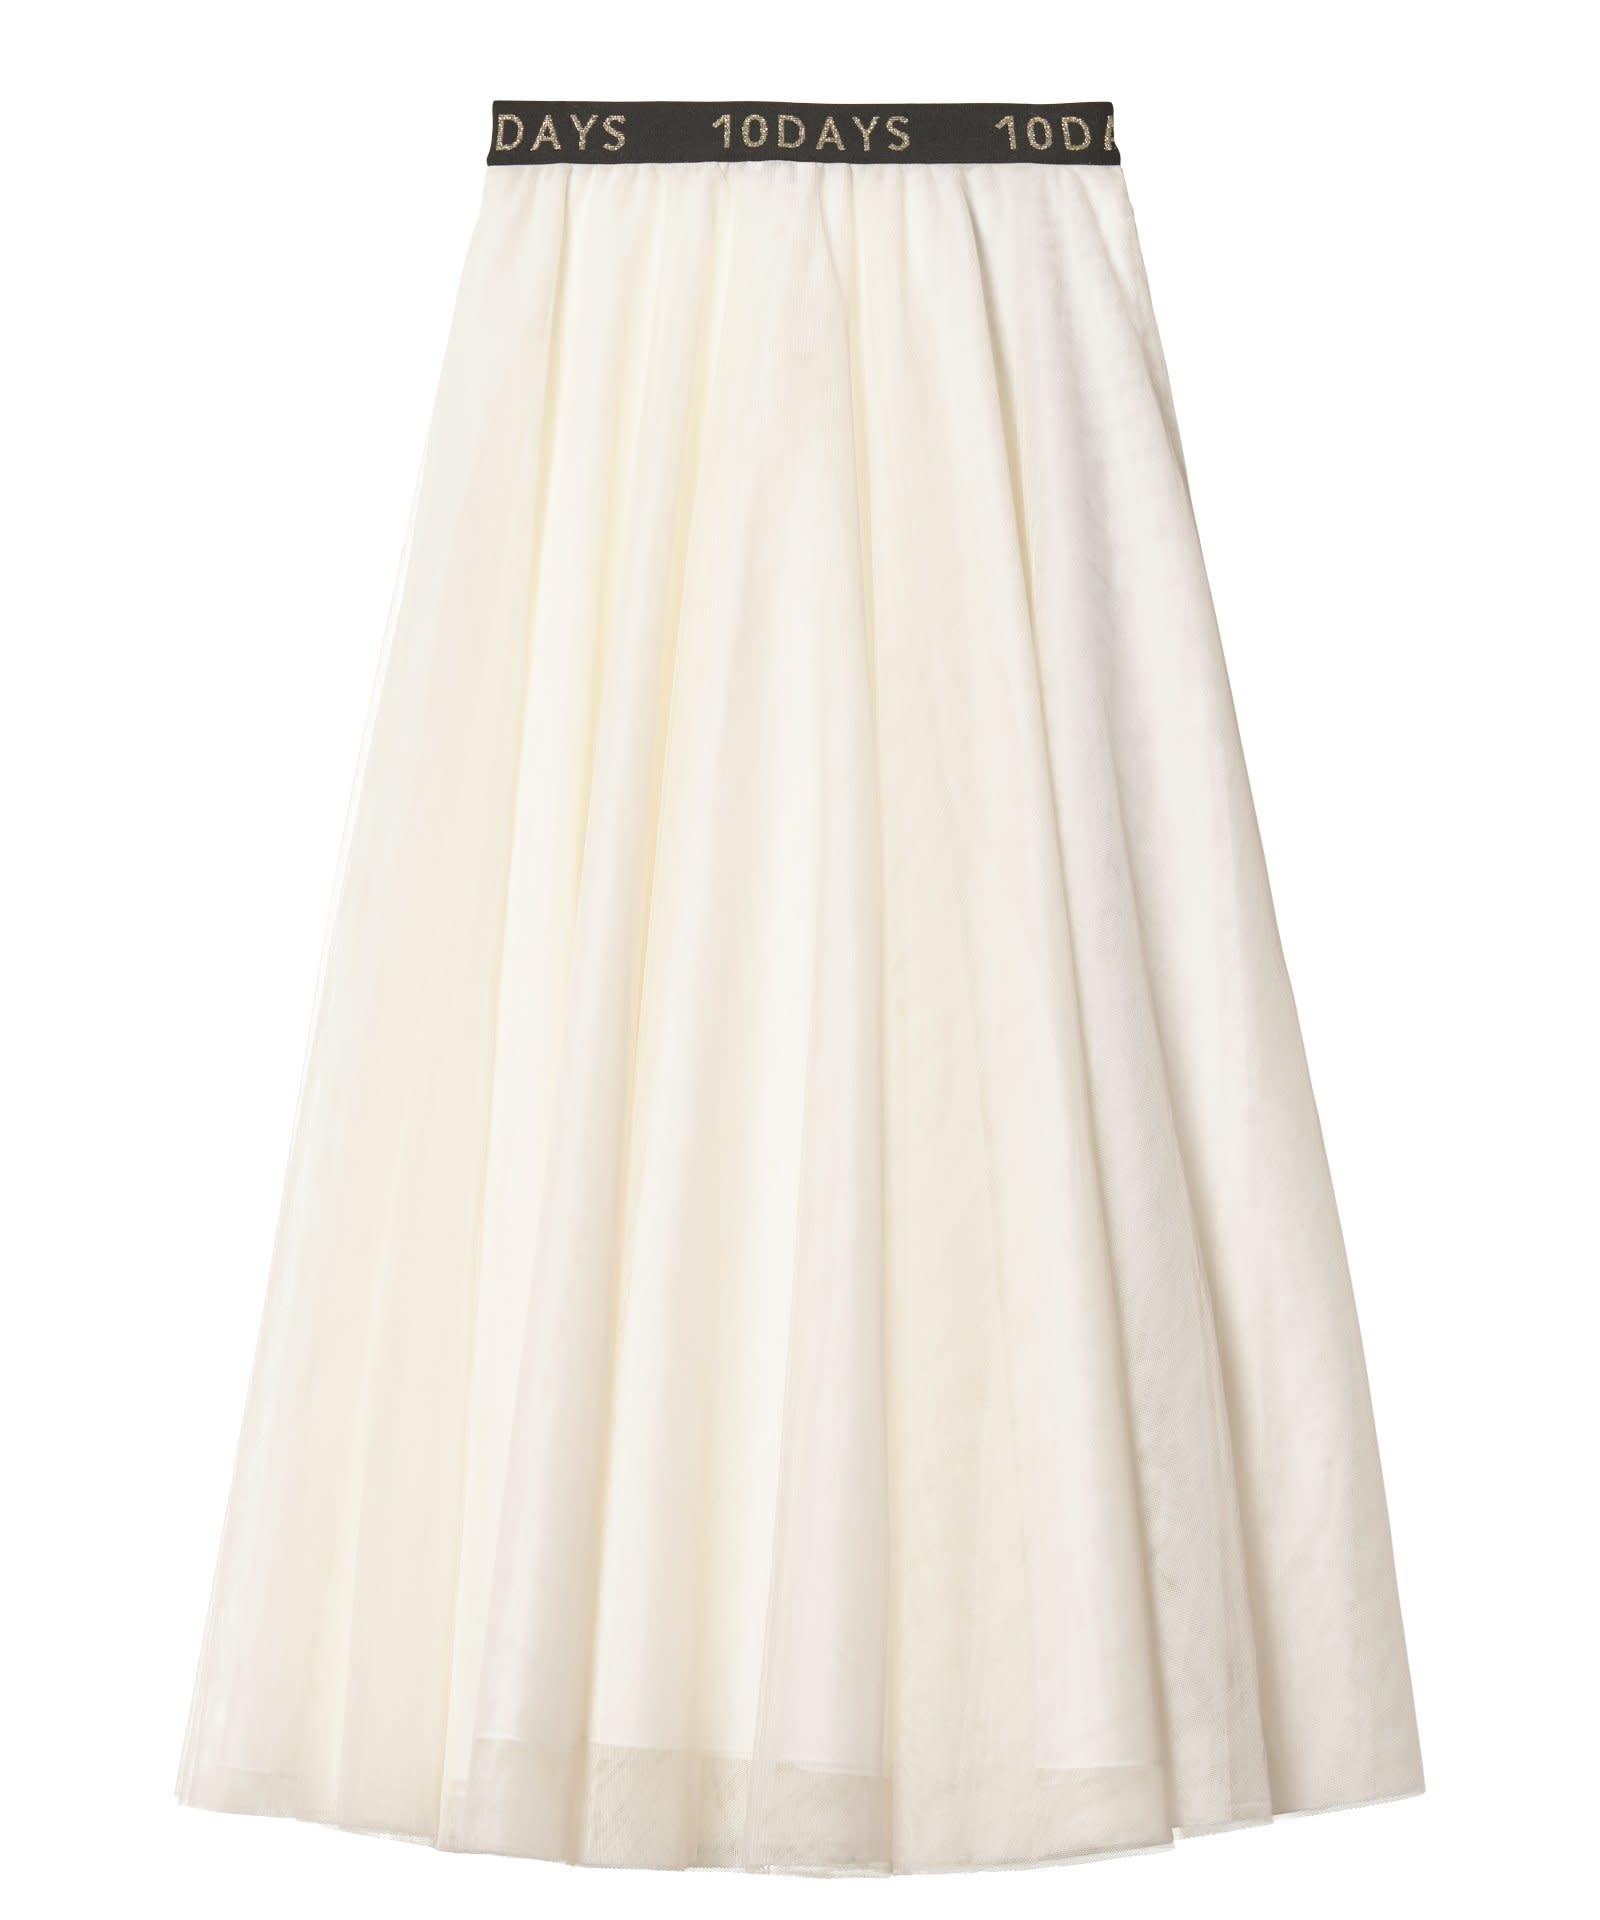 Rok Tulle skirt white-4